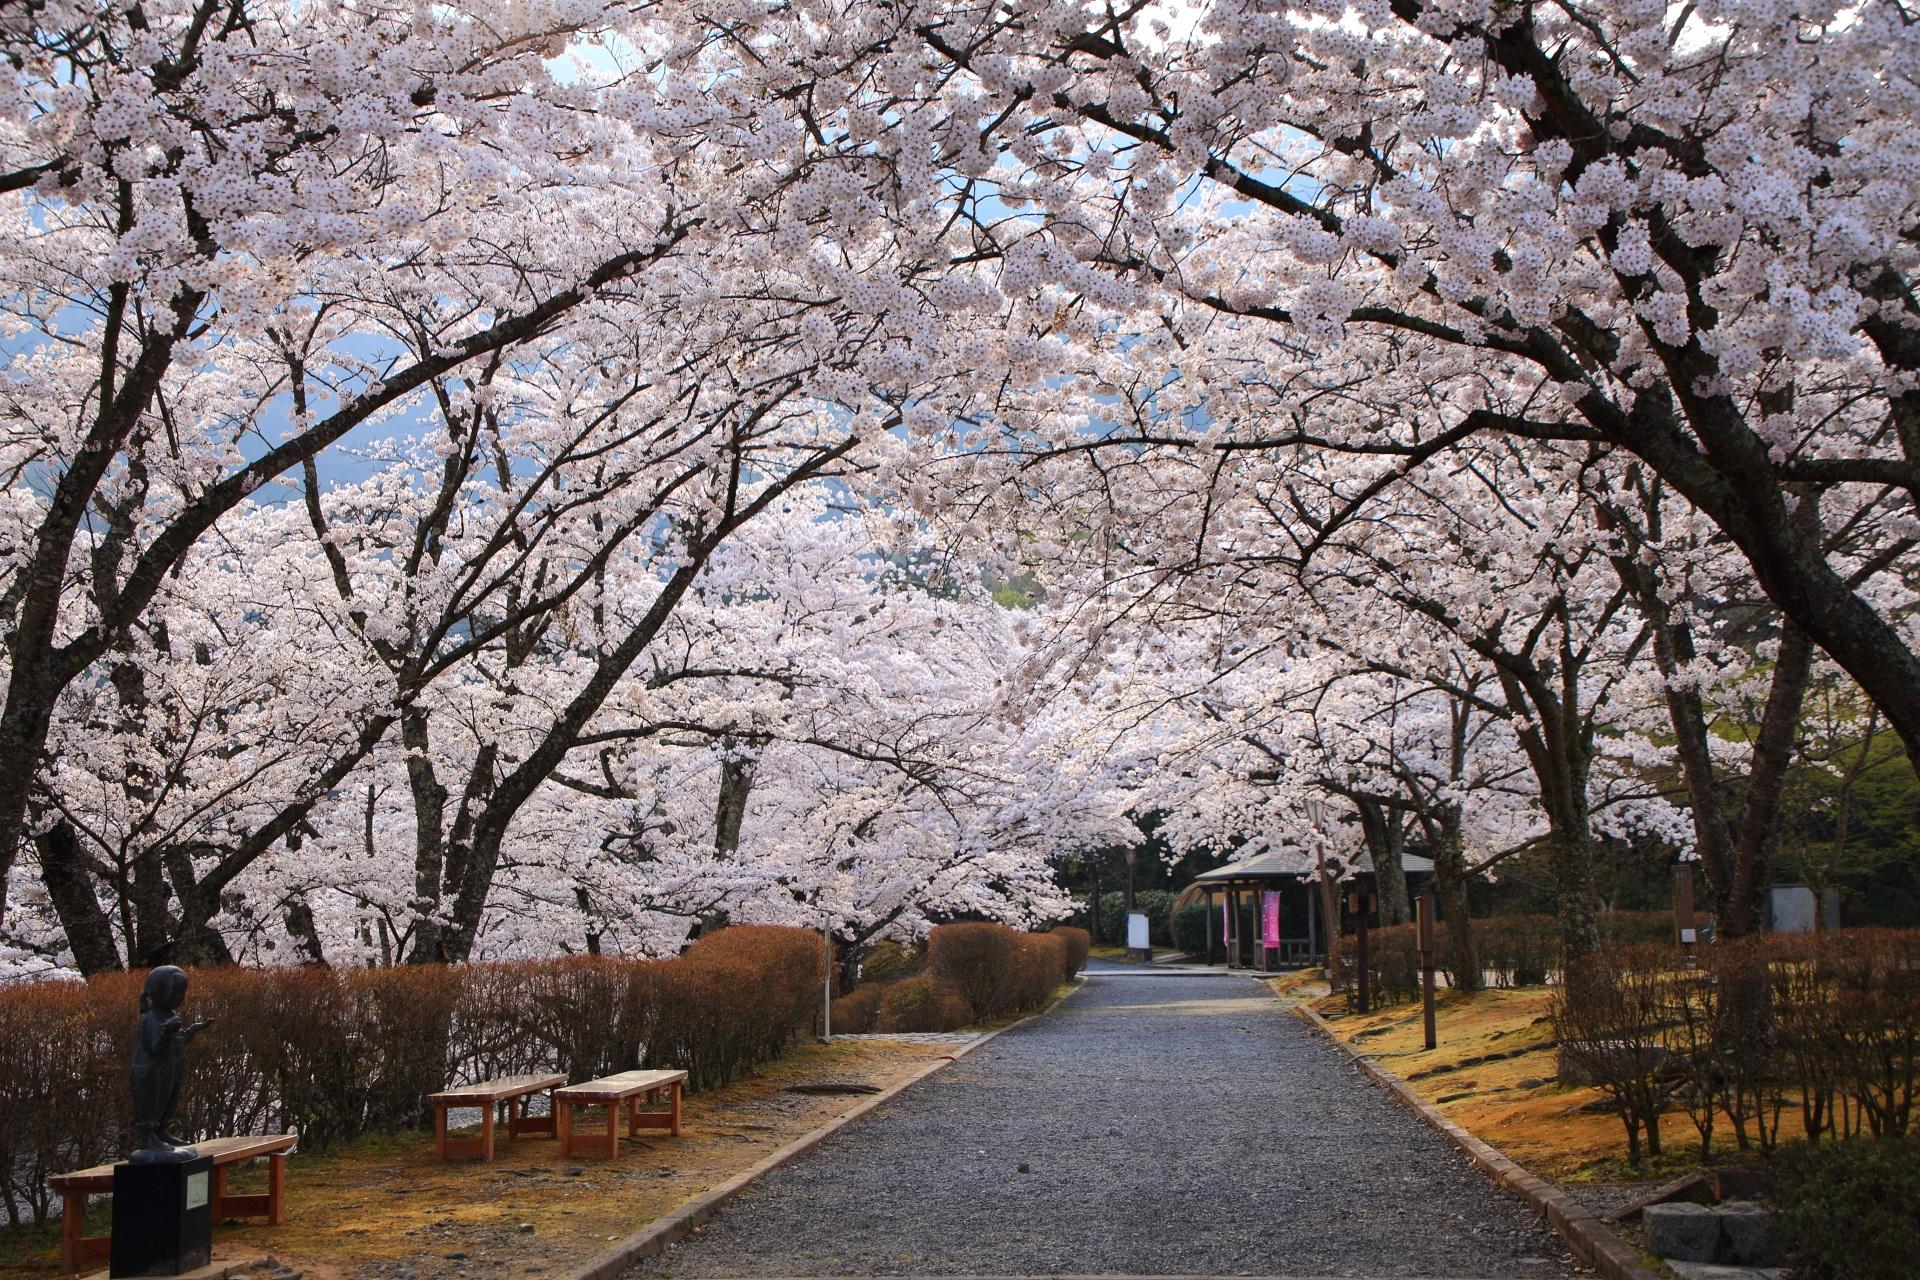 七谷川沿いの和らぎの道の桜